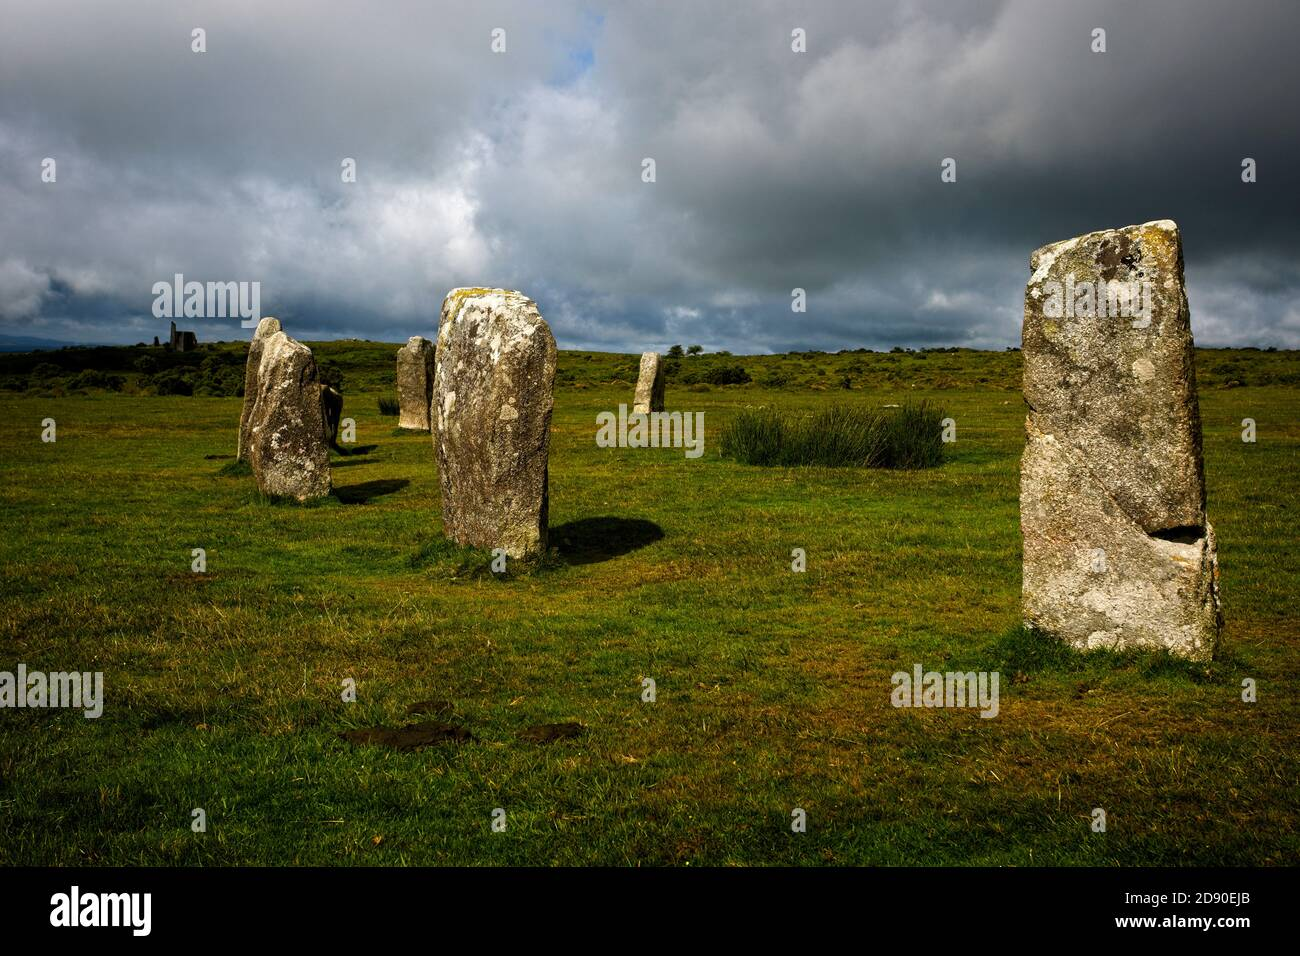 Fait partie de l'un des « Hurlers » Stone Circles, Minions, Cornwall, Angleterre, Royaume-Uni. Banque D'Images